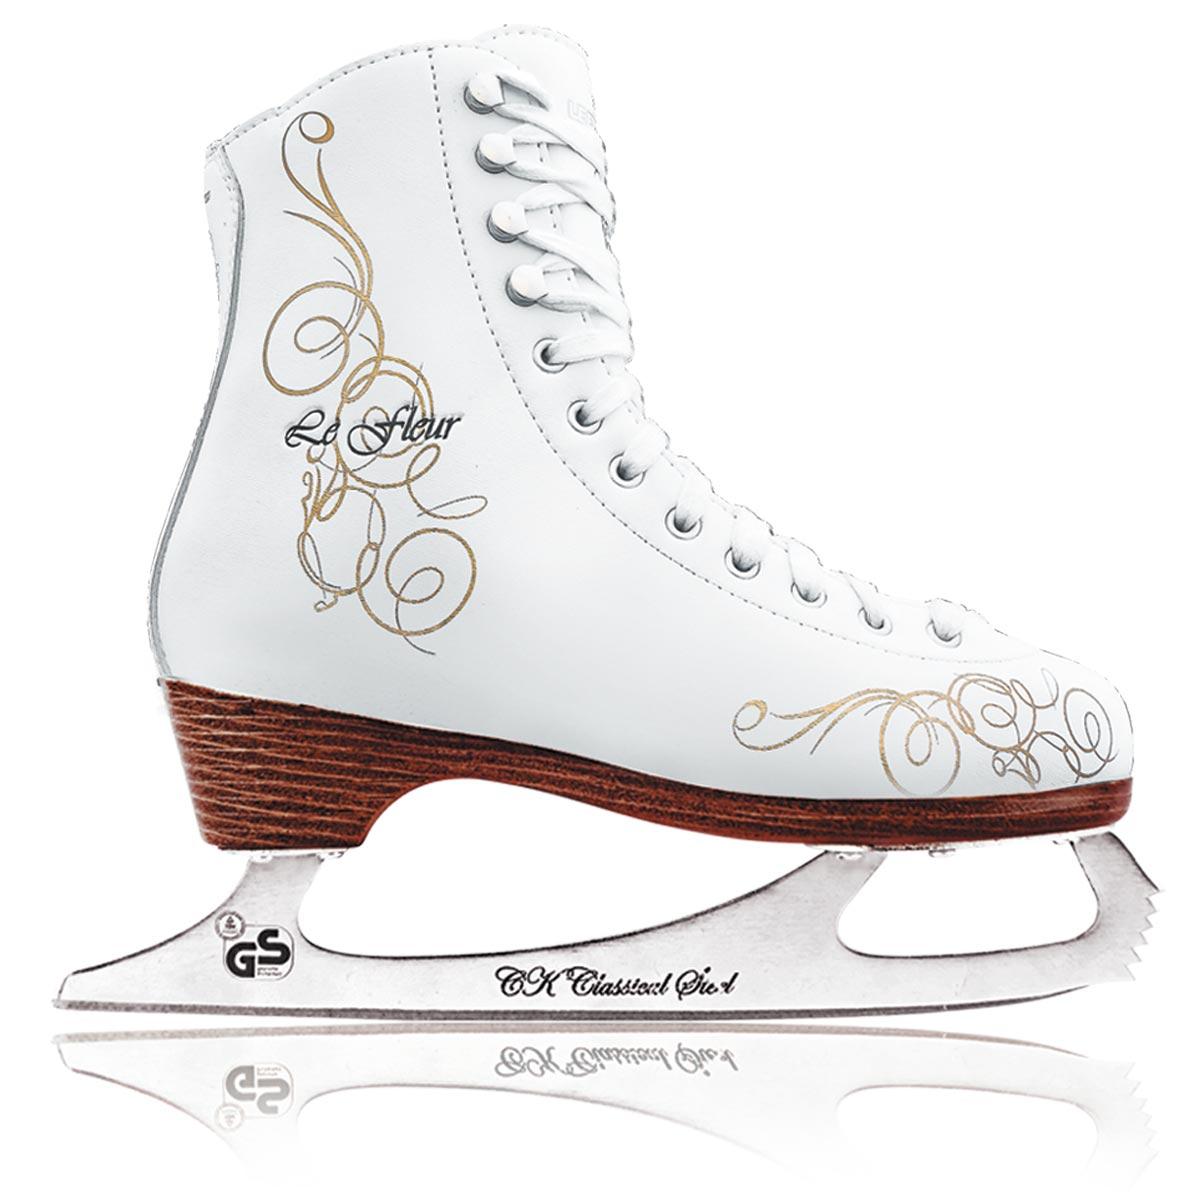 Коньки фигурные для девочки СК Le Fleur Leather 50/50, цвет: белый, золотой. Размер 35LE FLEUR leather 50/50_белый, золотой_35